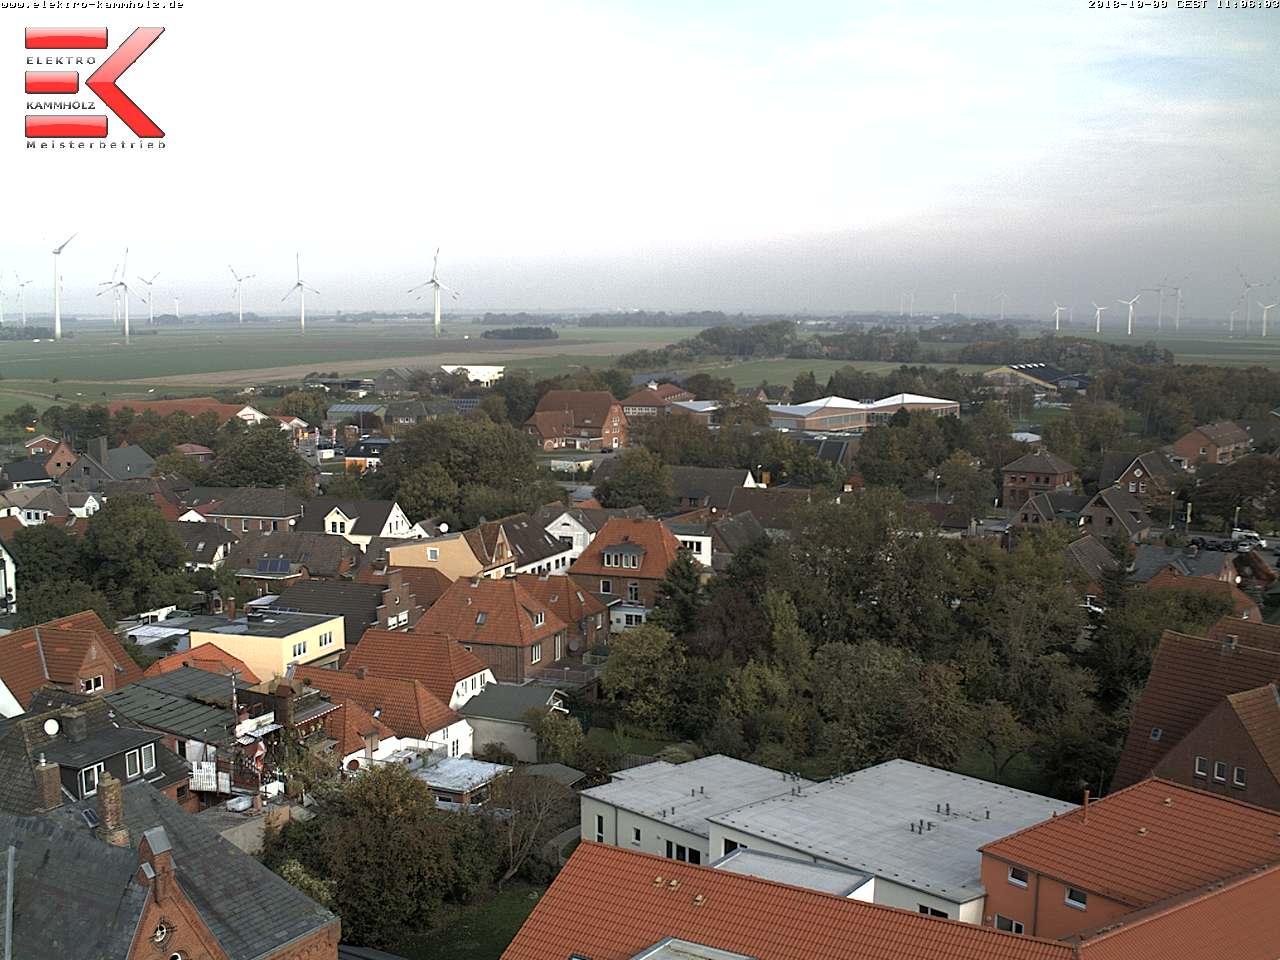 WebCam-Bild des Senioren- und Bürgerzentrums in Wesselburen